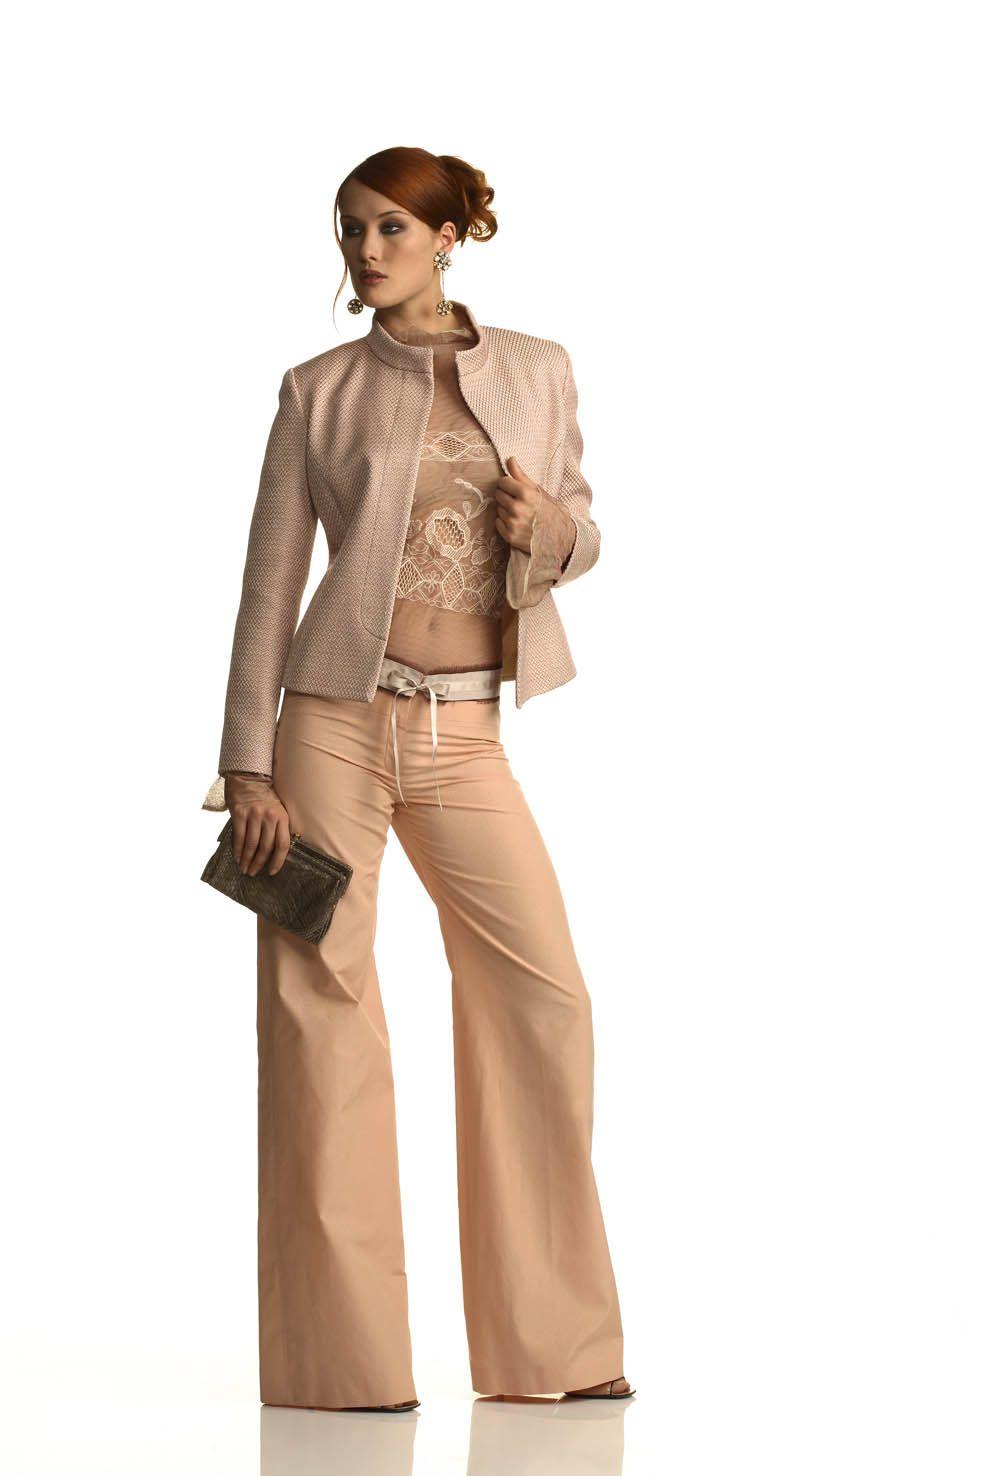 a83e37c8e0c2 completo elegante composto da pantalone largo